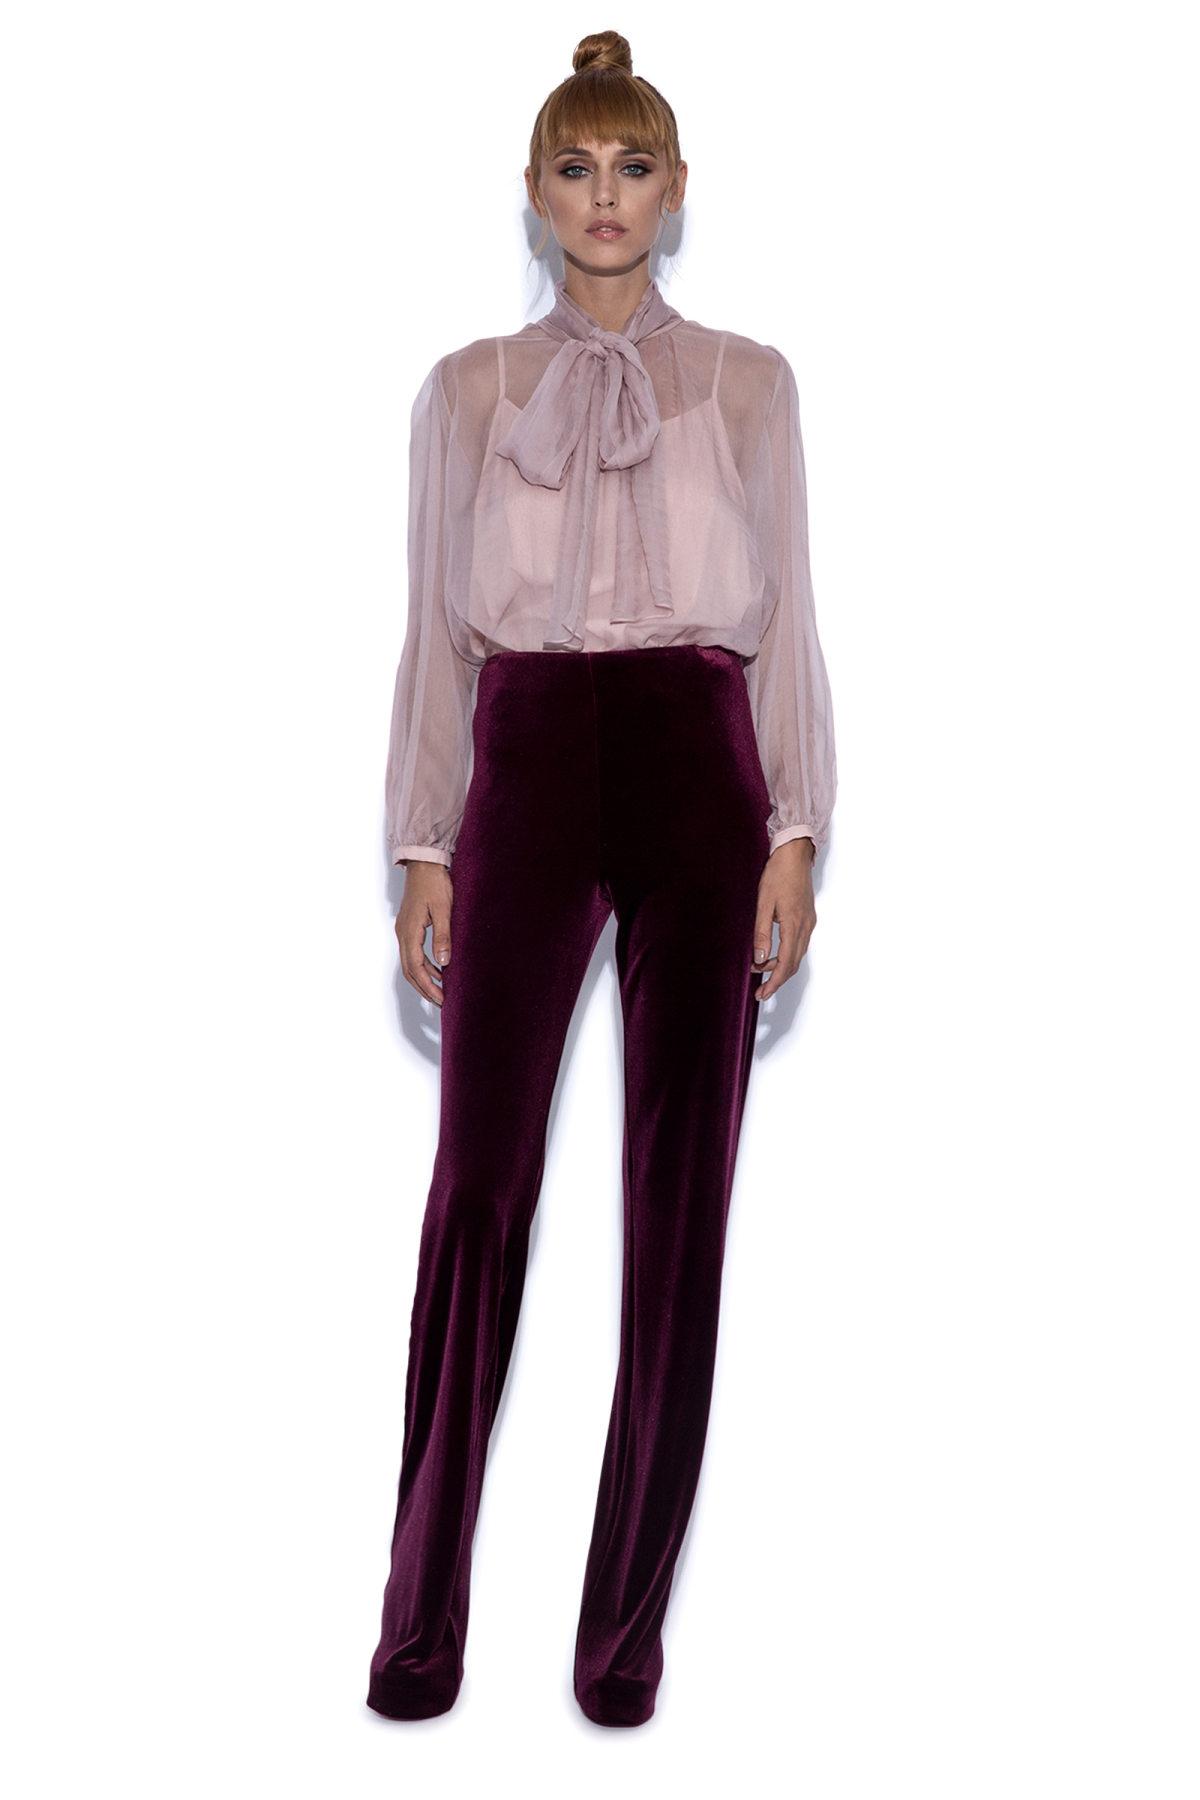 Velvet Burgundy P9086 Burgundy Nissa Trousers Velvet 0xxqZwg7